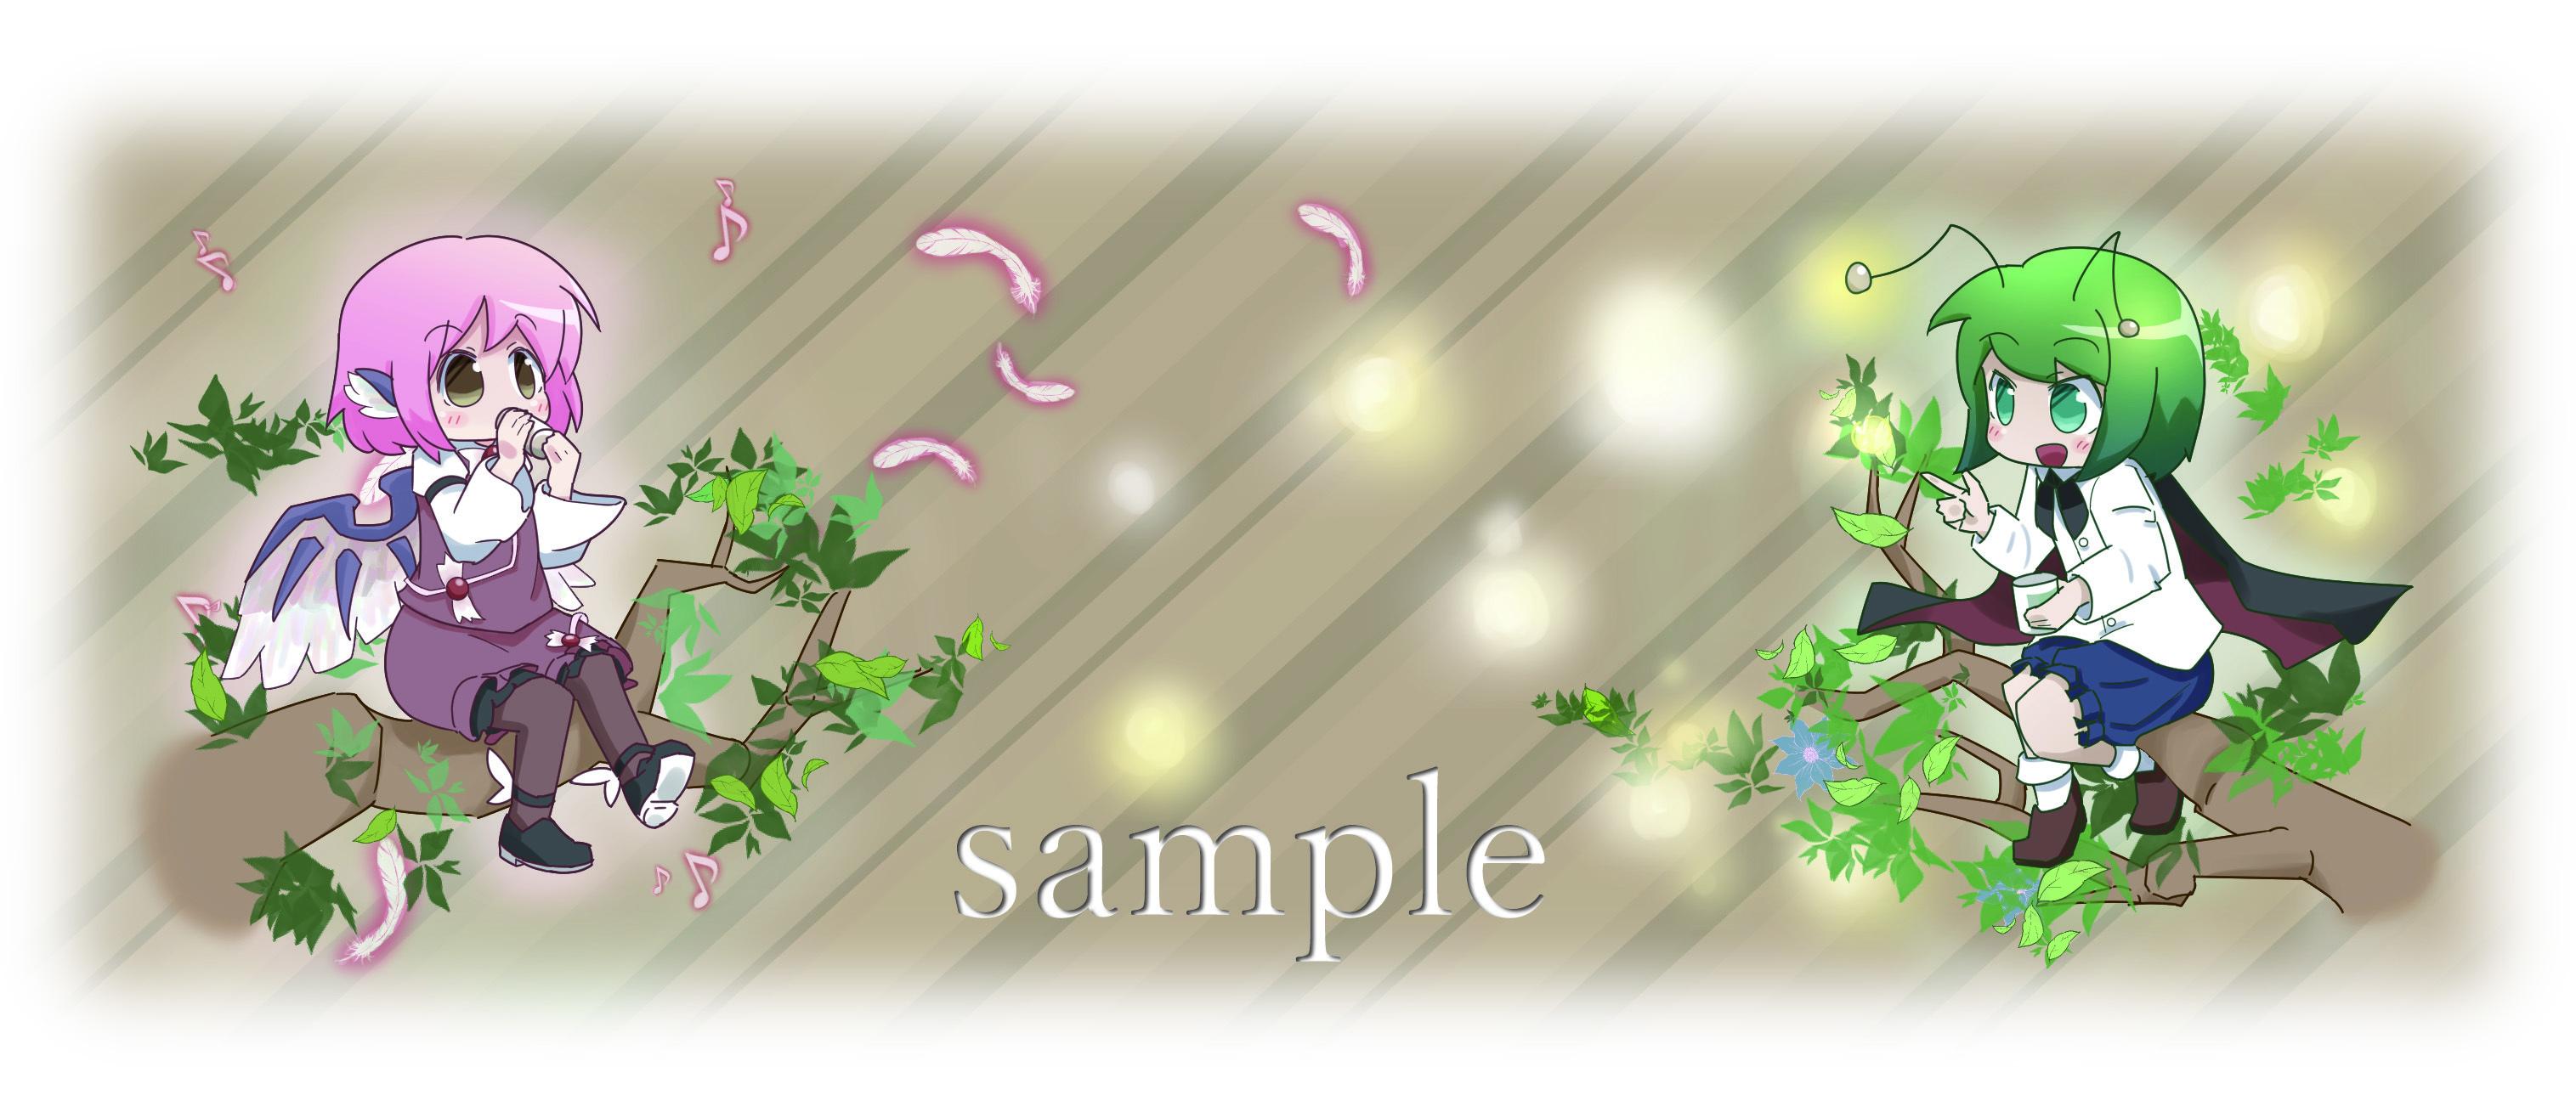 sample_20170528231920377.jpg